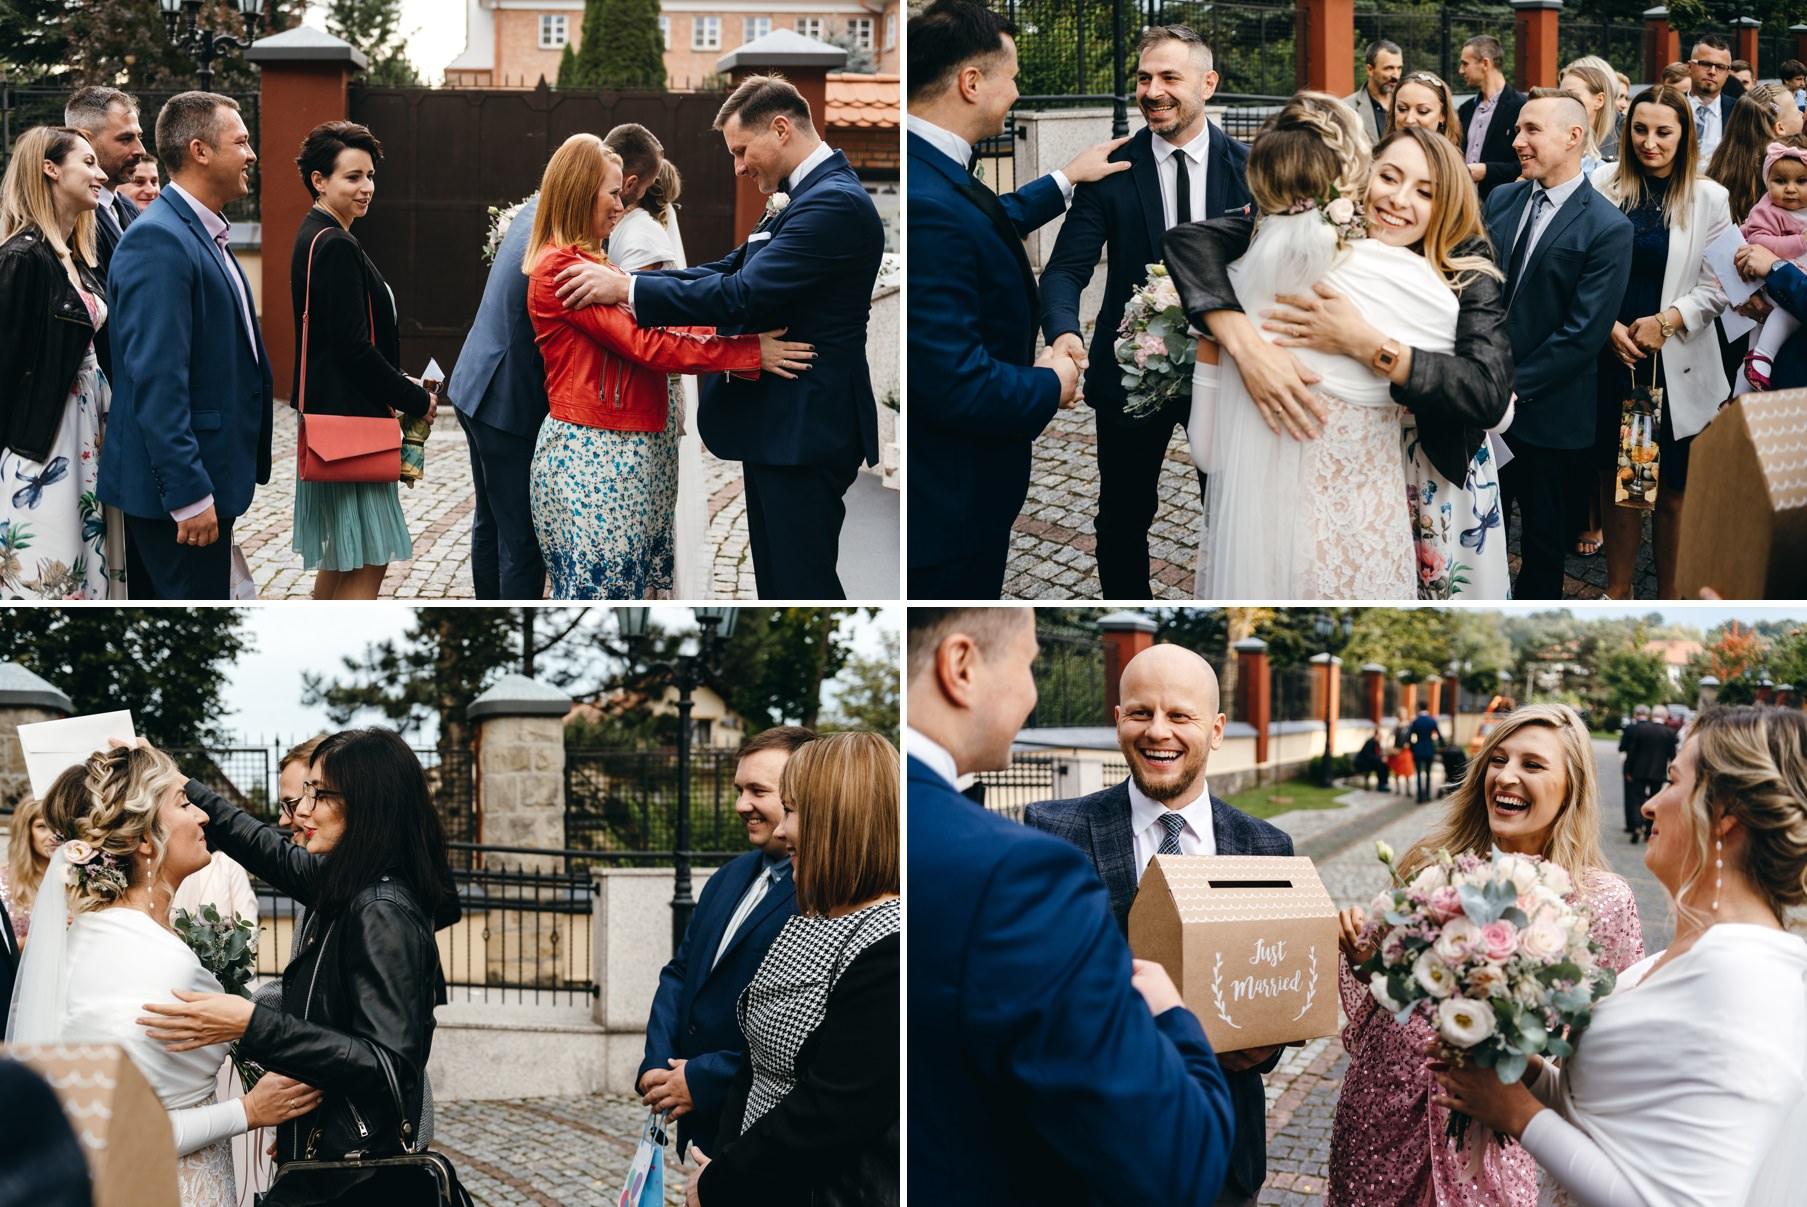 życzenia dla nowożeńców, przytulenia, pocałunki, emocje